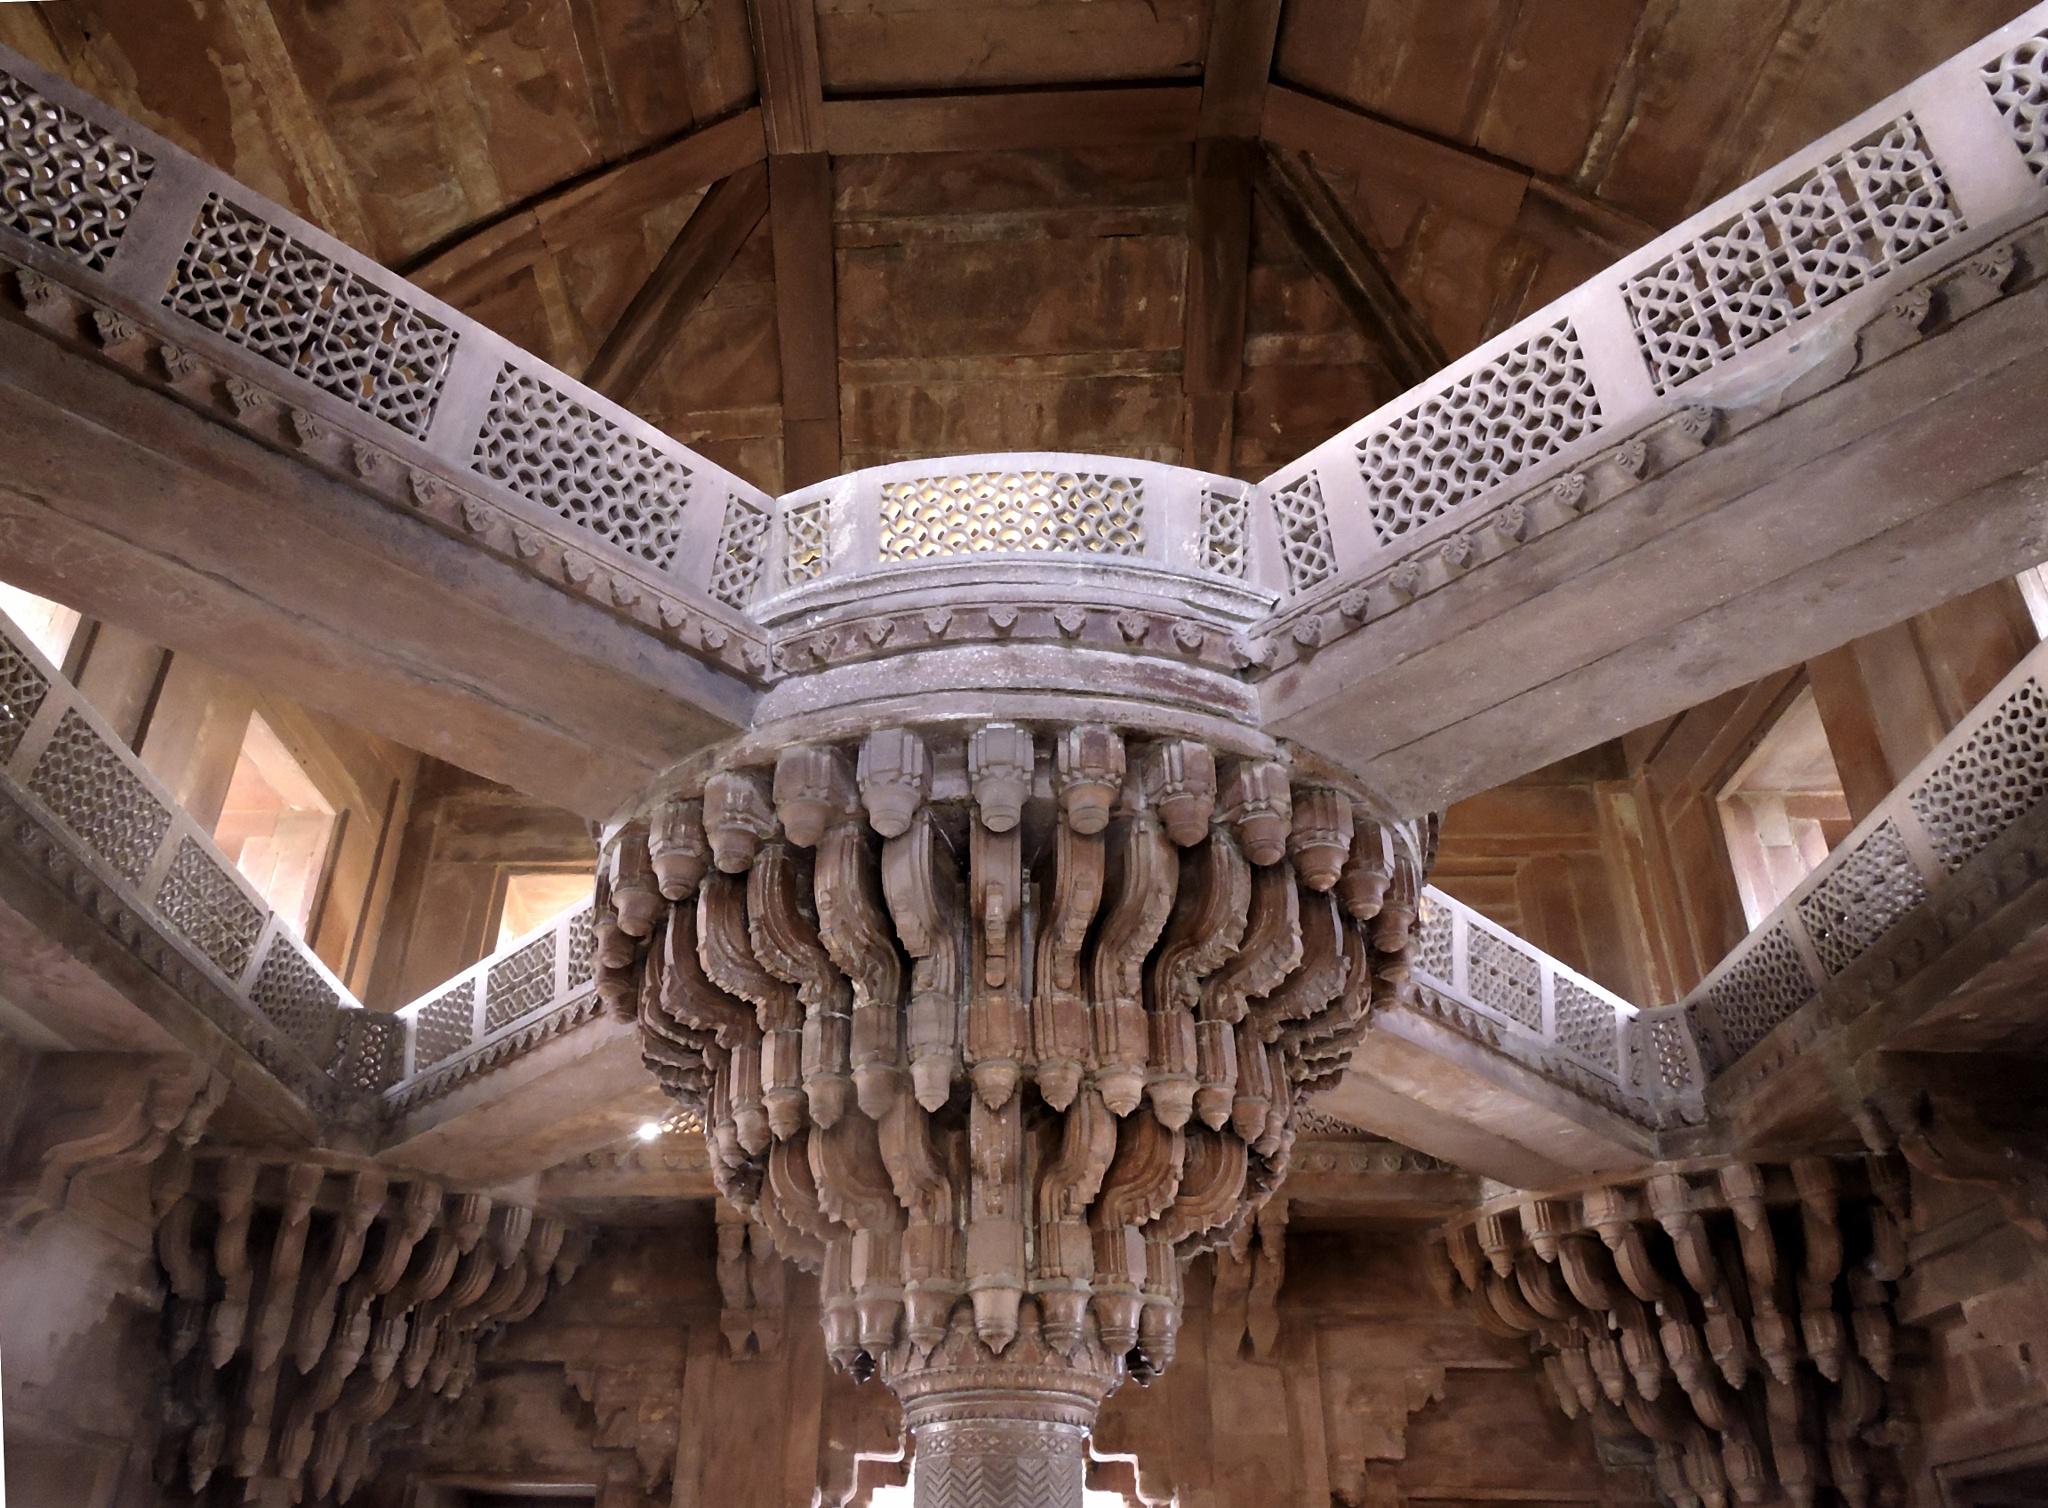 Divane E Khass by Shreyans S Shah